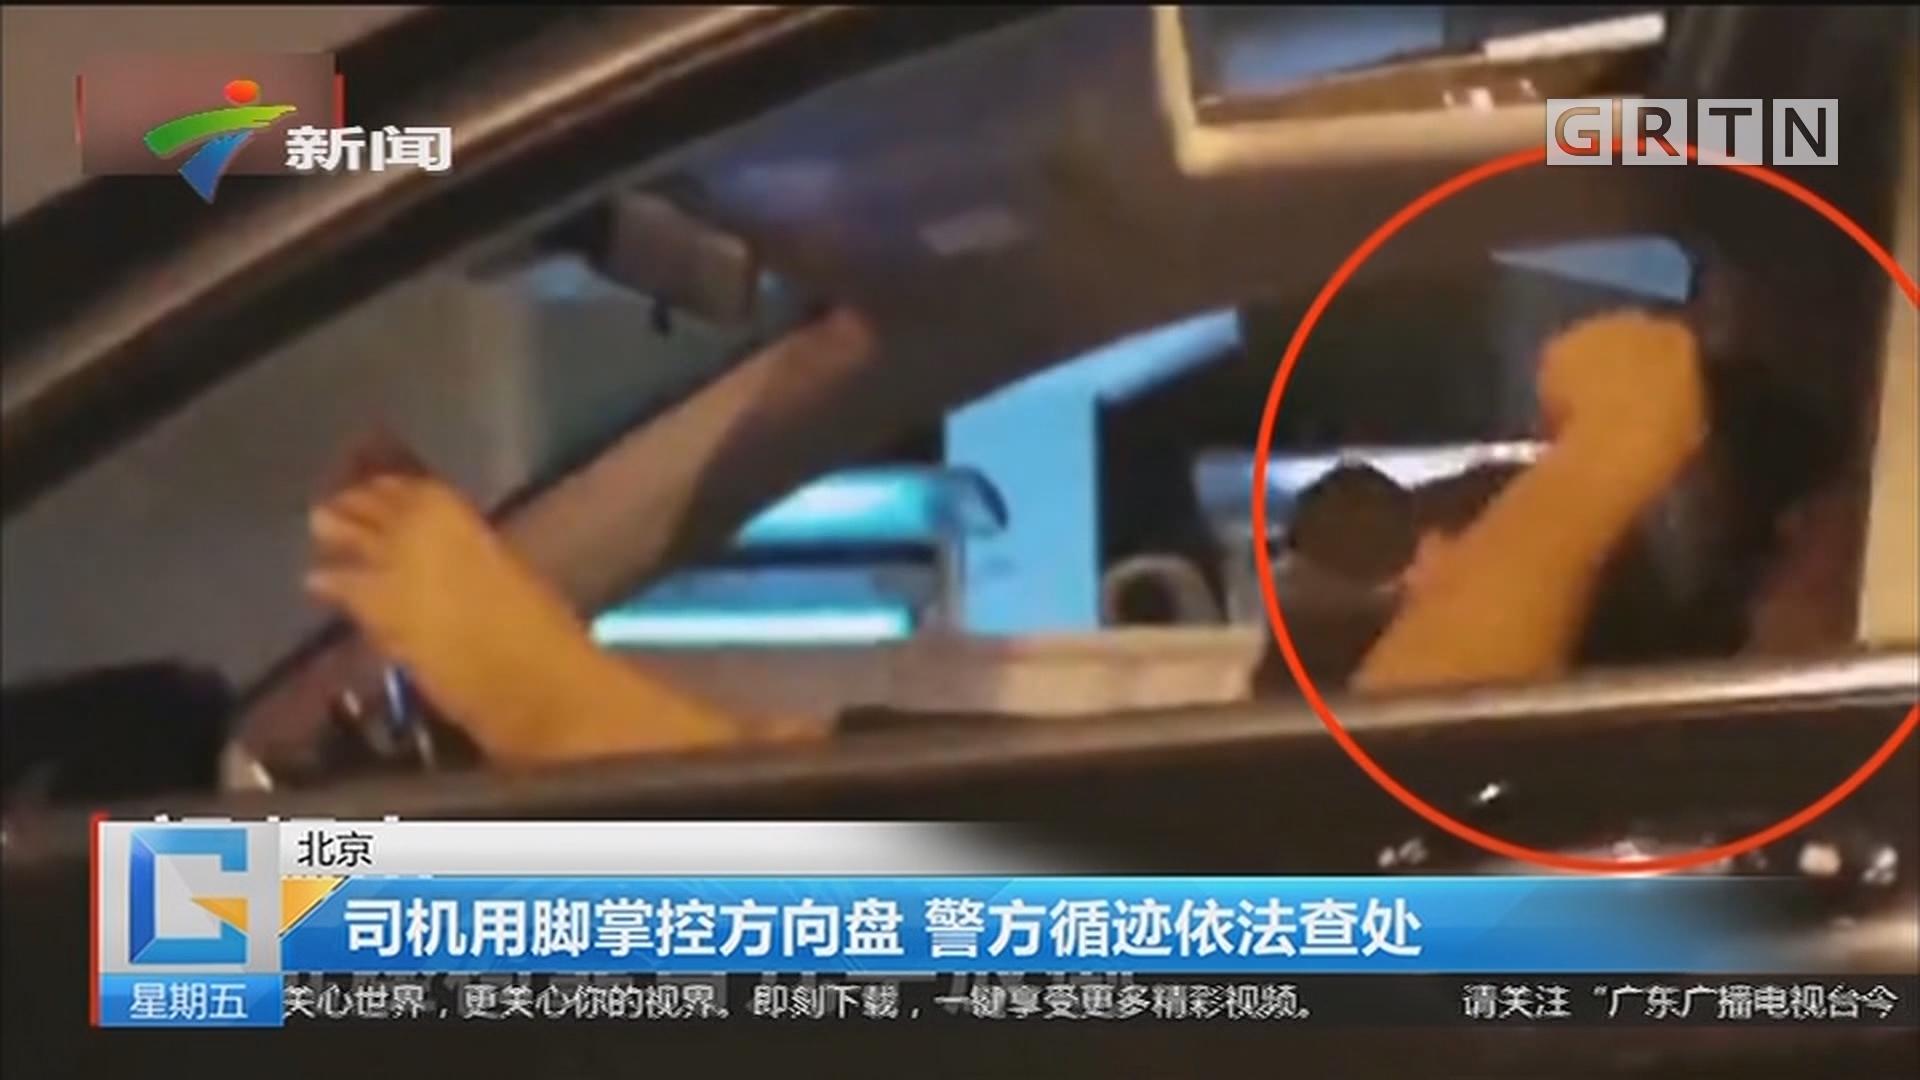 北京:司机用脚掌控方向盘 警方循迹依法查处